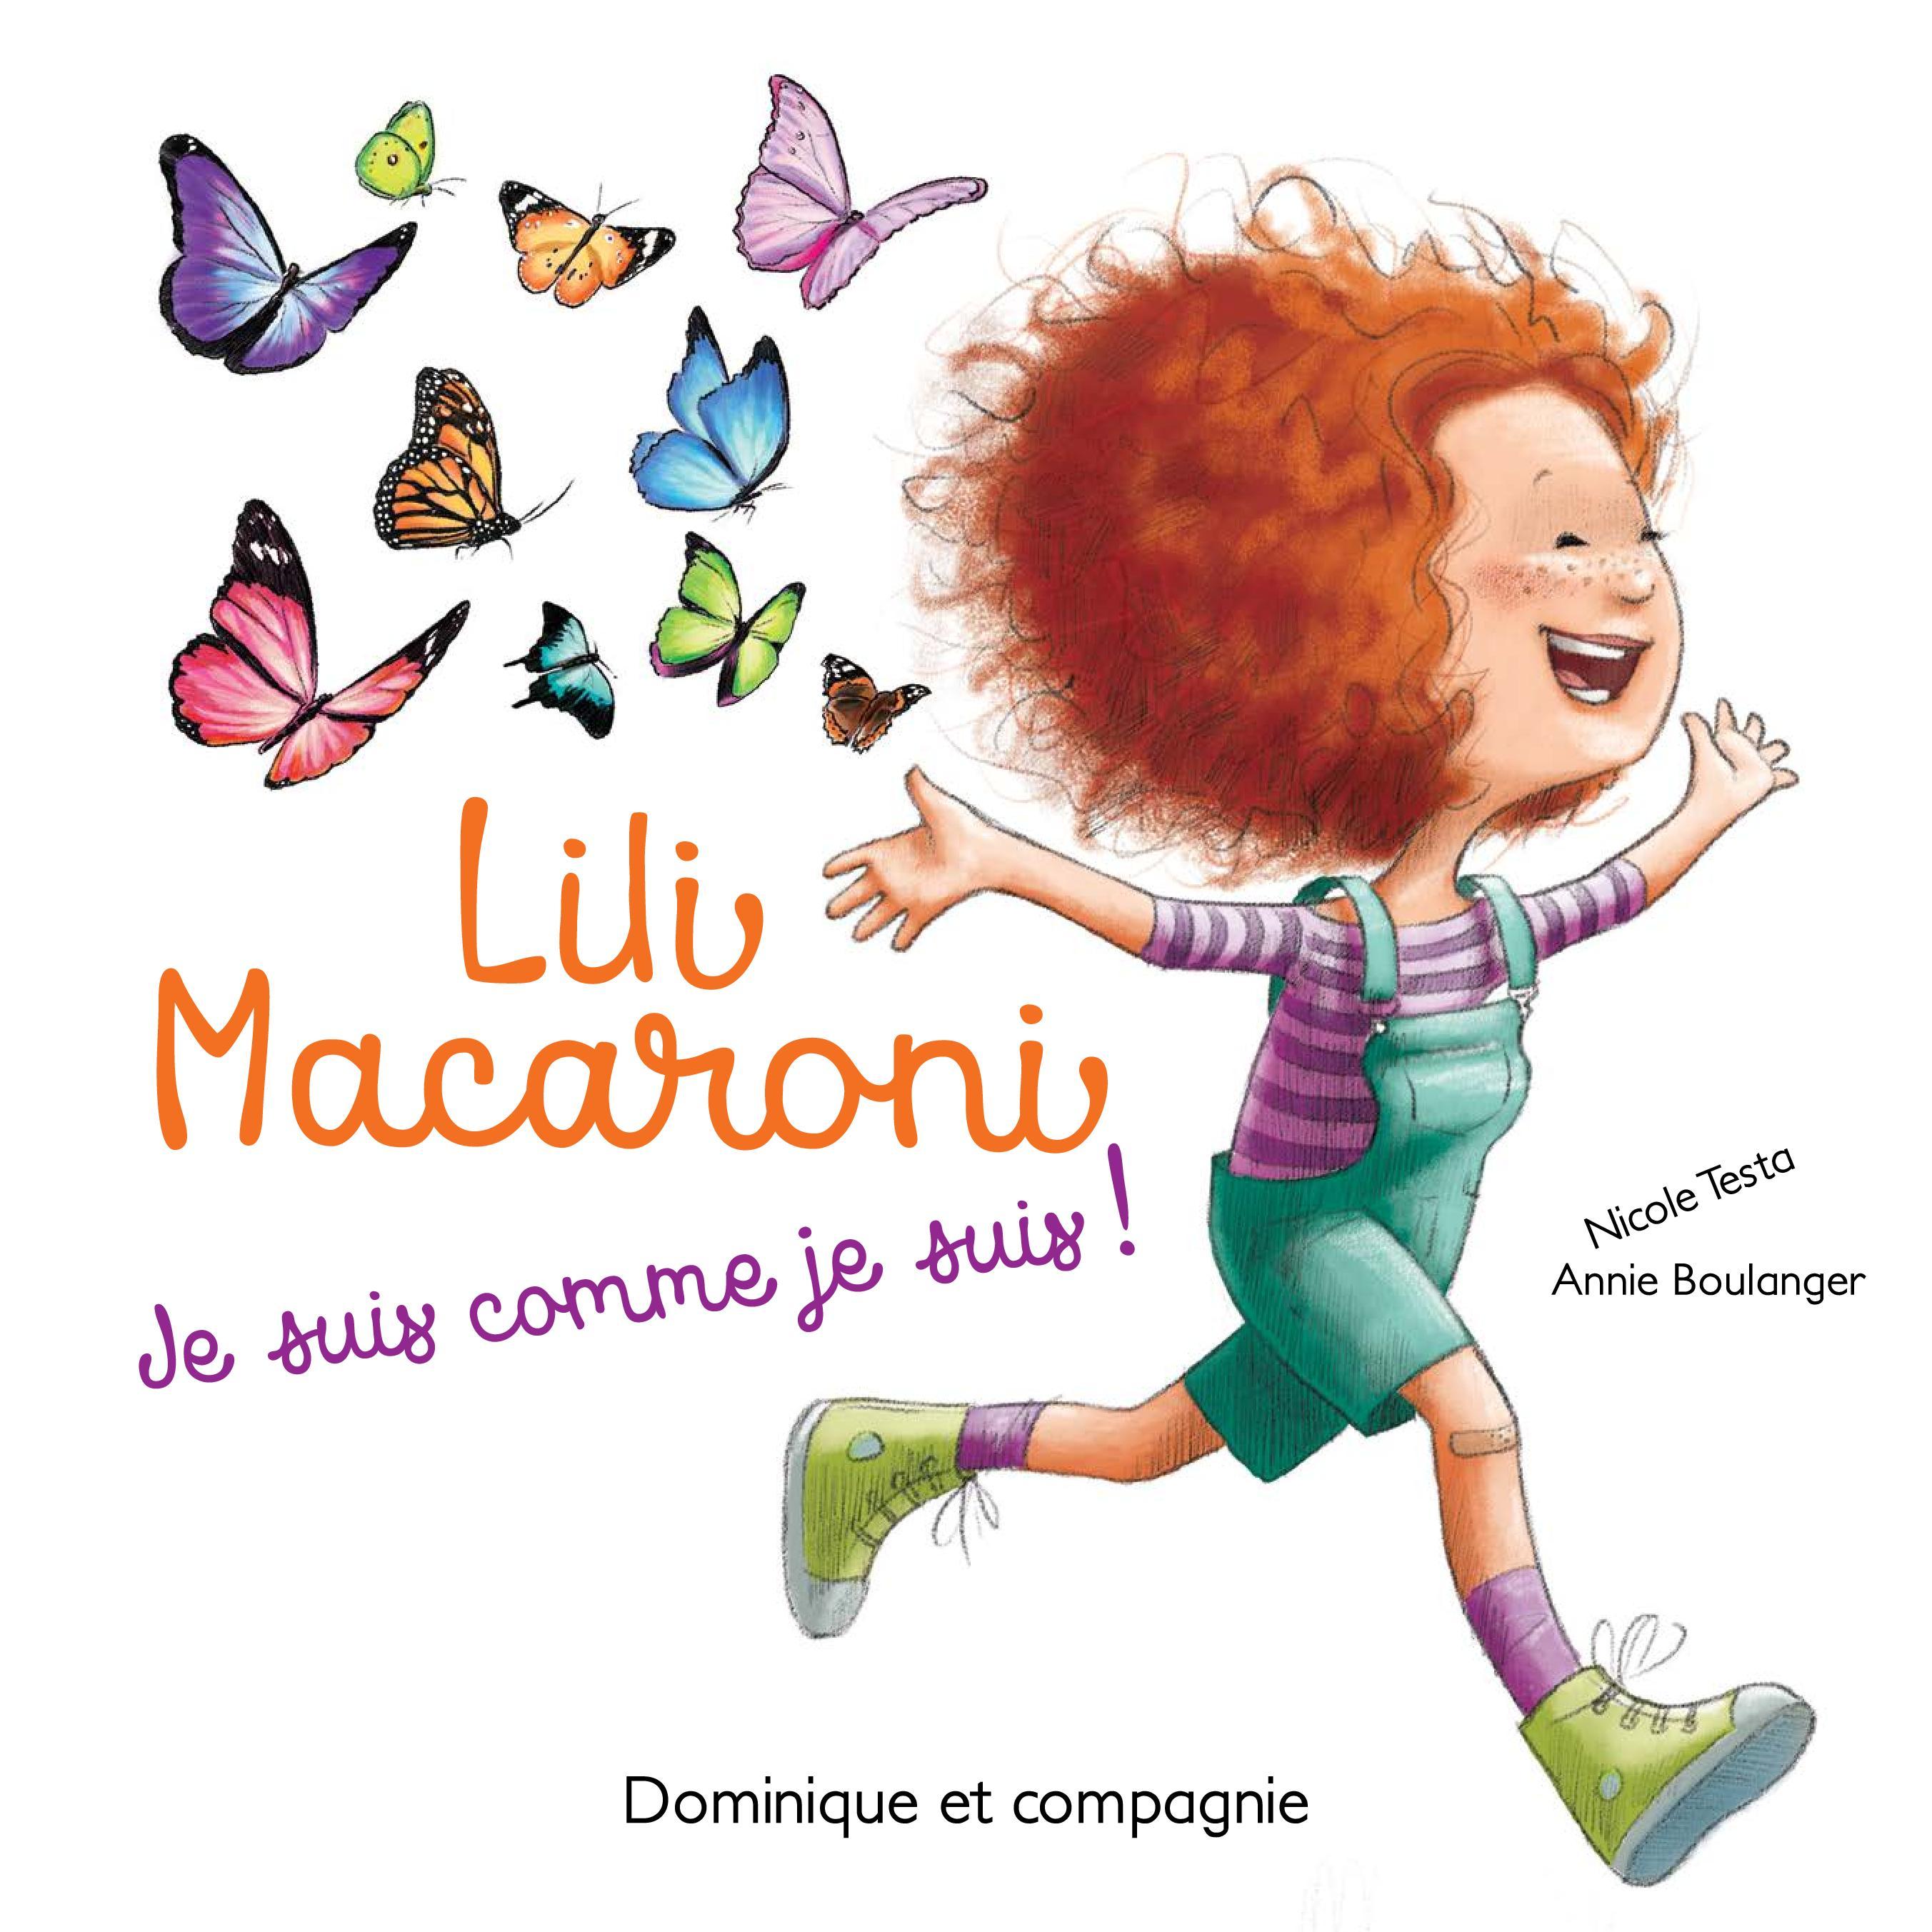 Lili Macaroni - Je suis comme je suis!